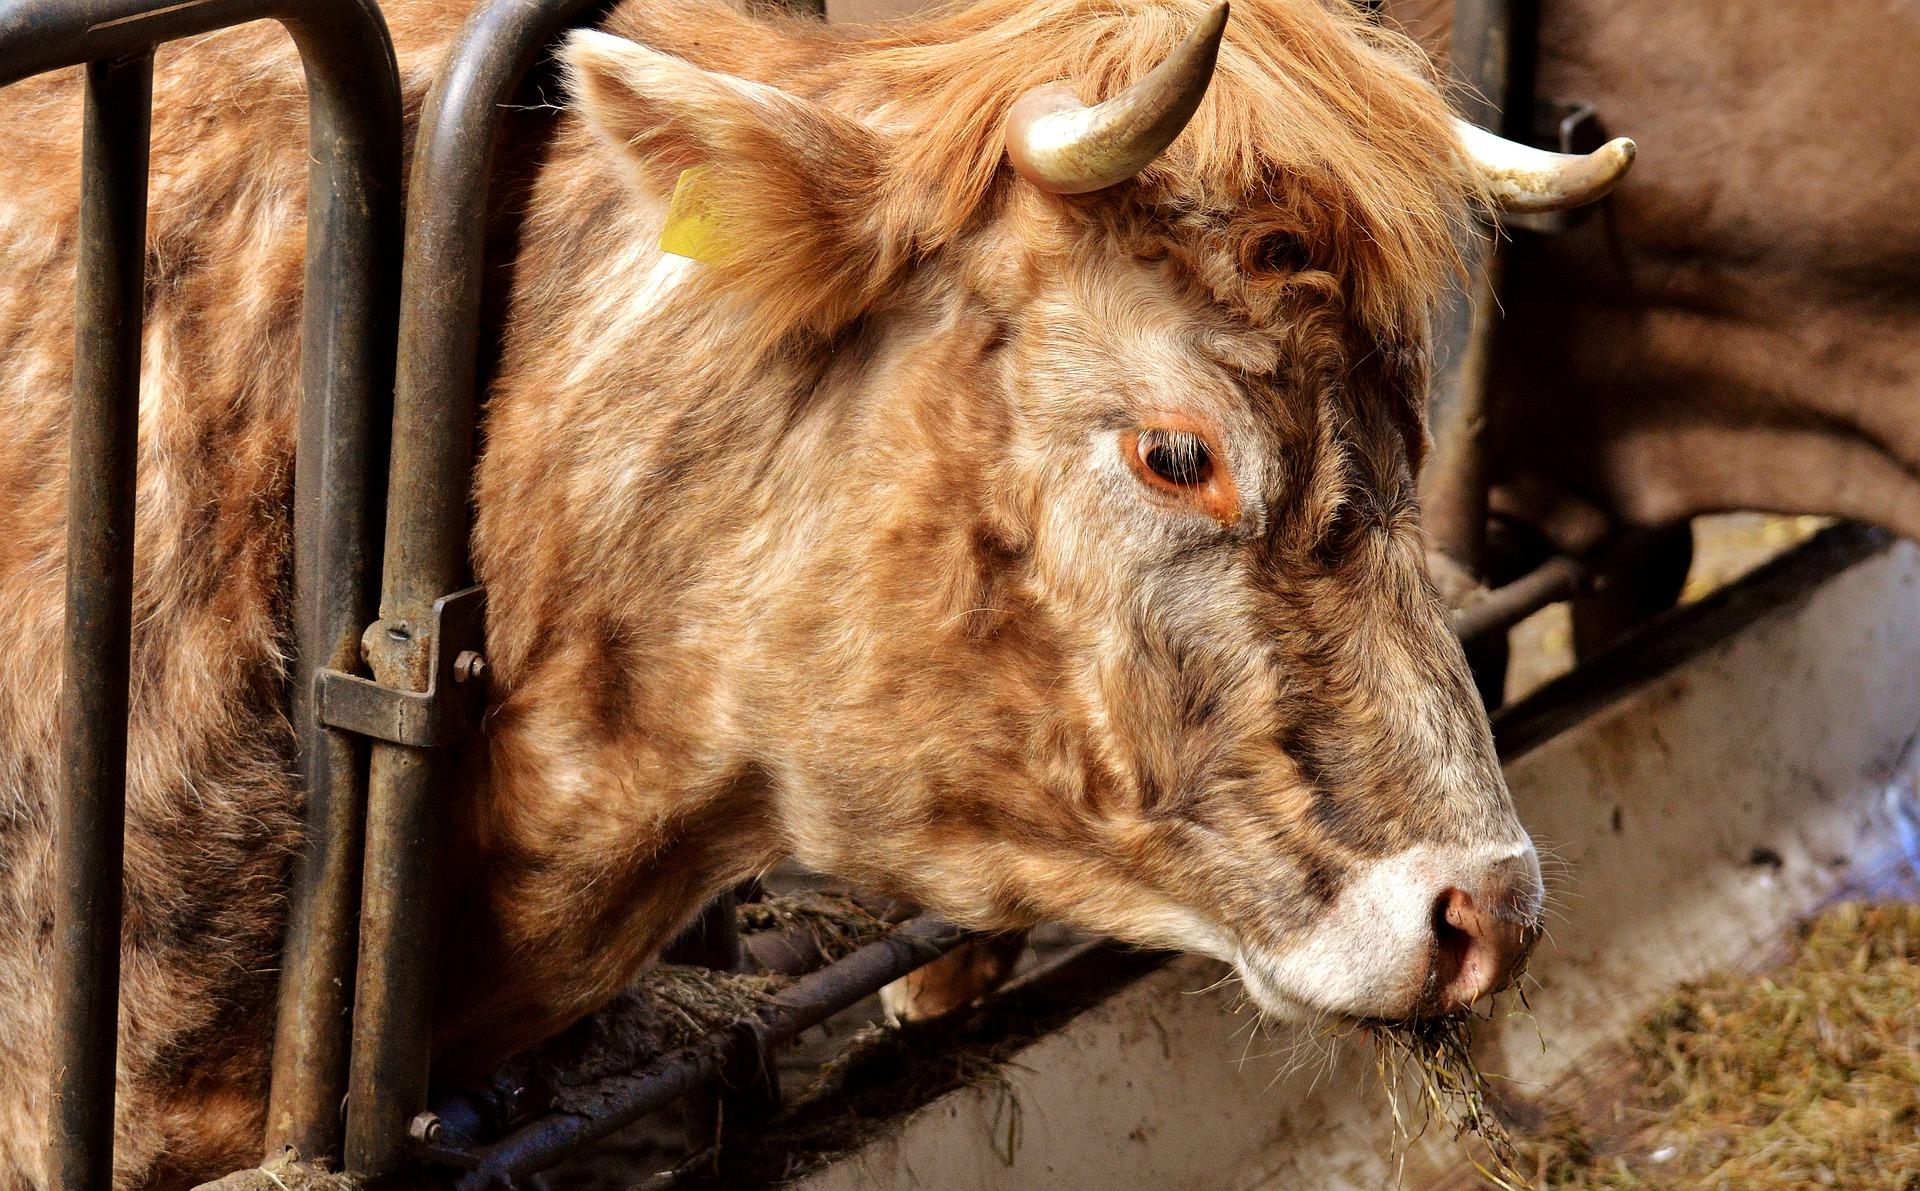 Tierschutz ist notstandsfähig